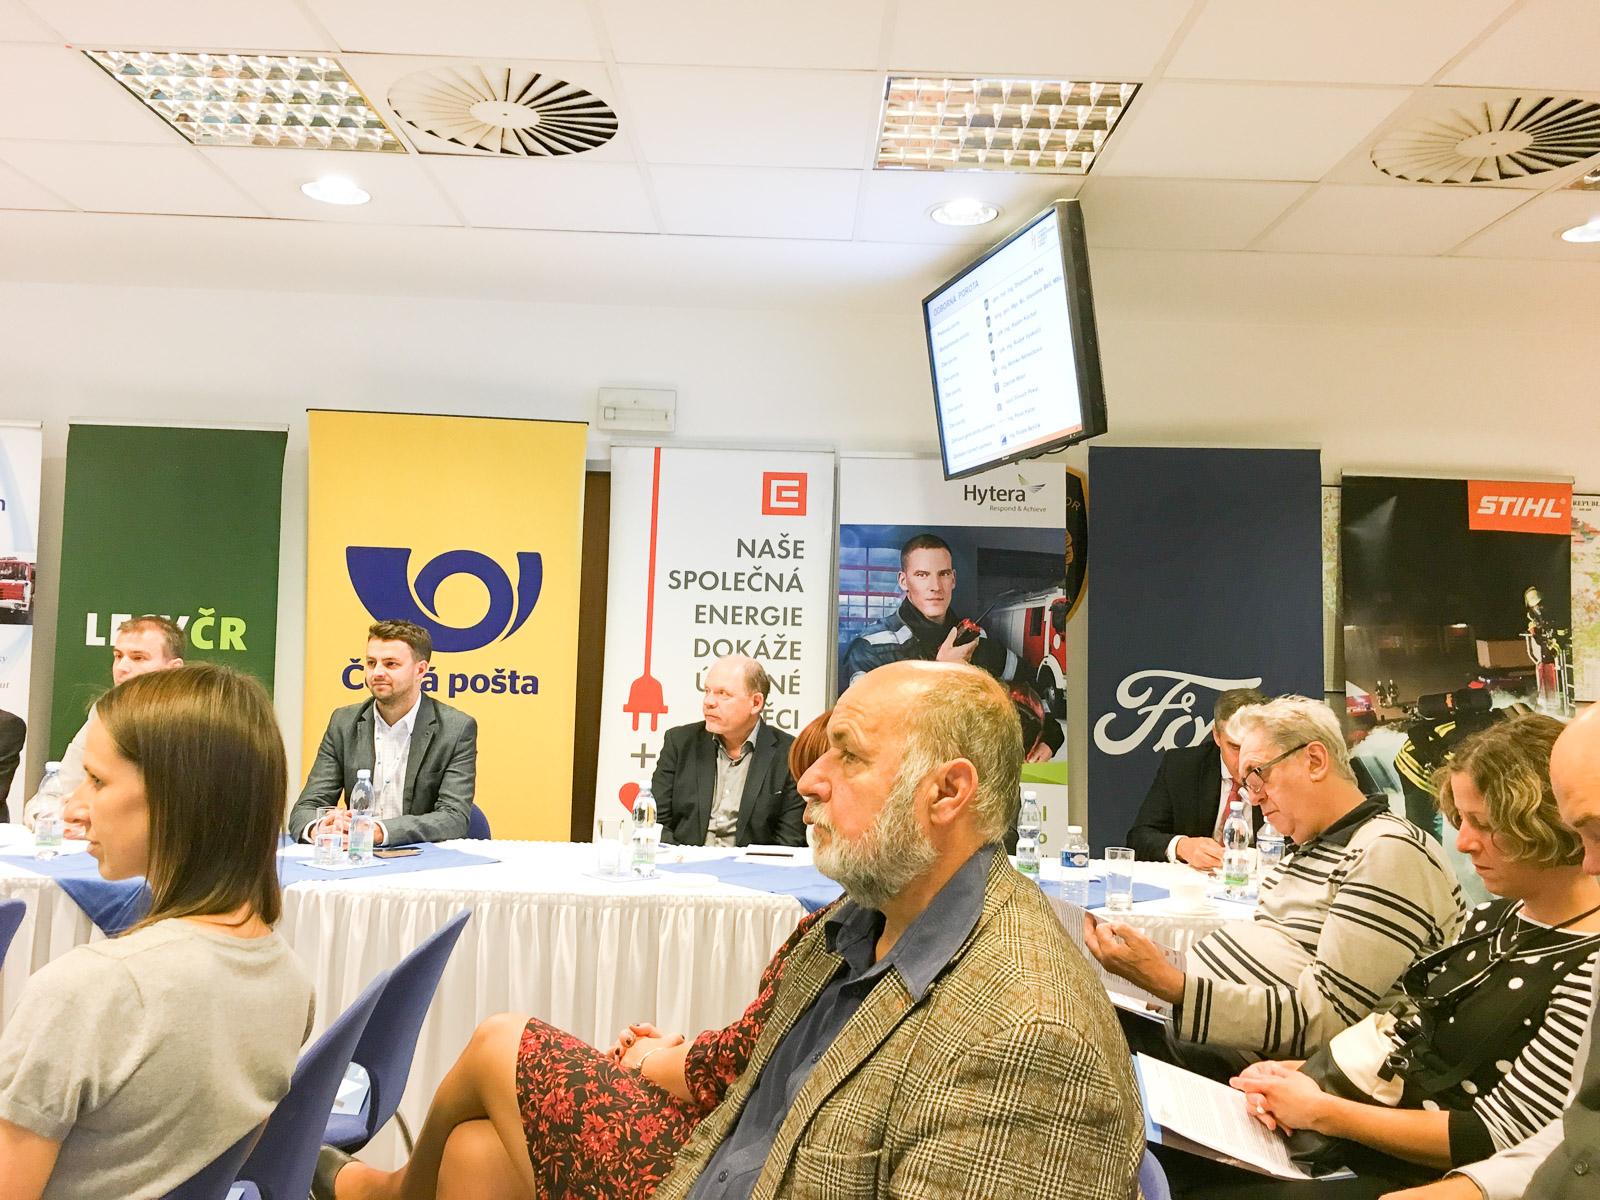 adhr-praha-tiskova-konference-09-15-2017--18